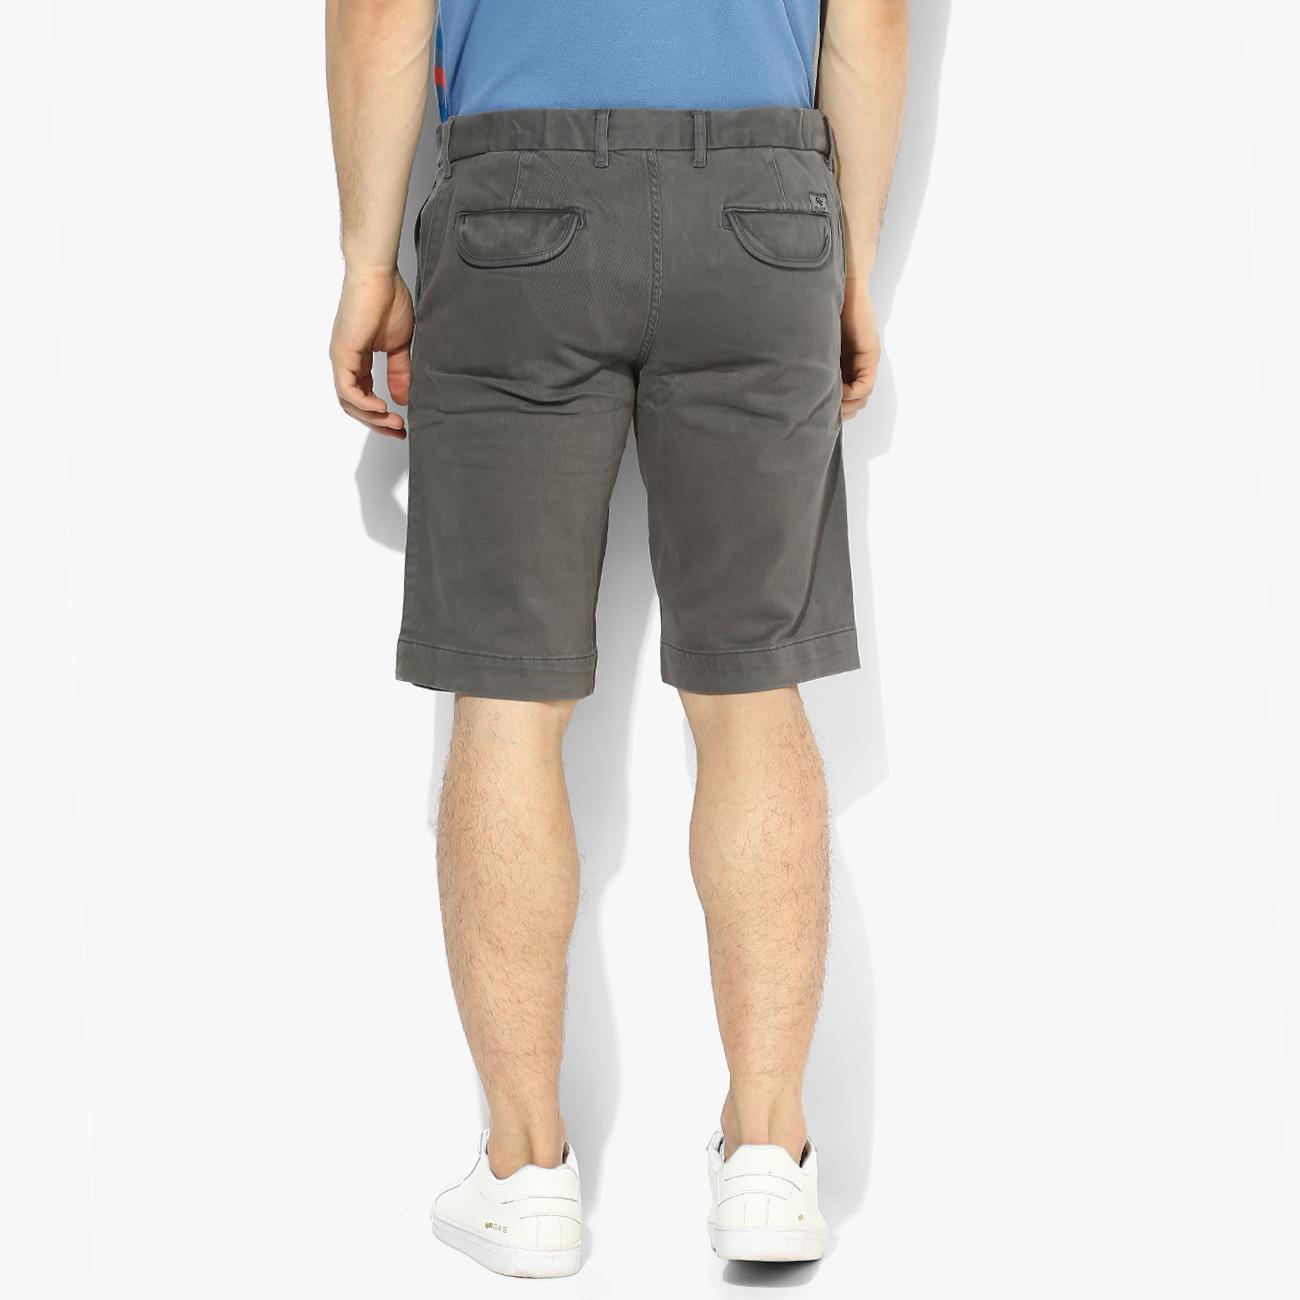 Shop Men's Gray Shorts at Red Chief